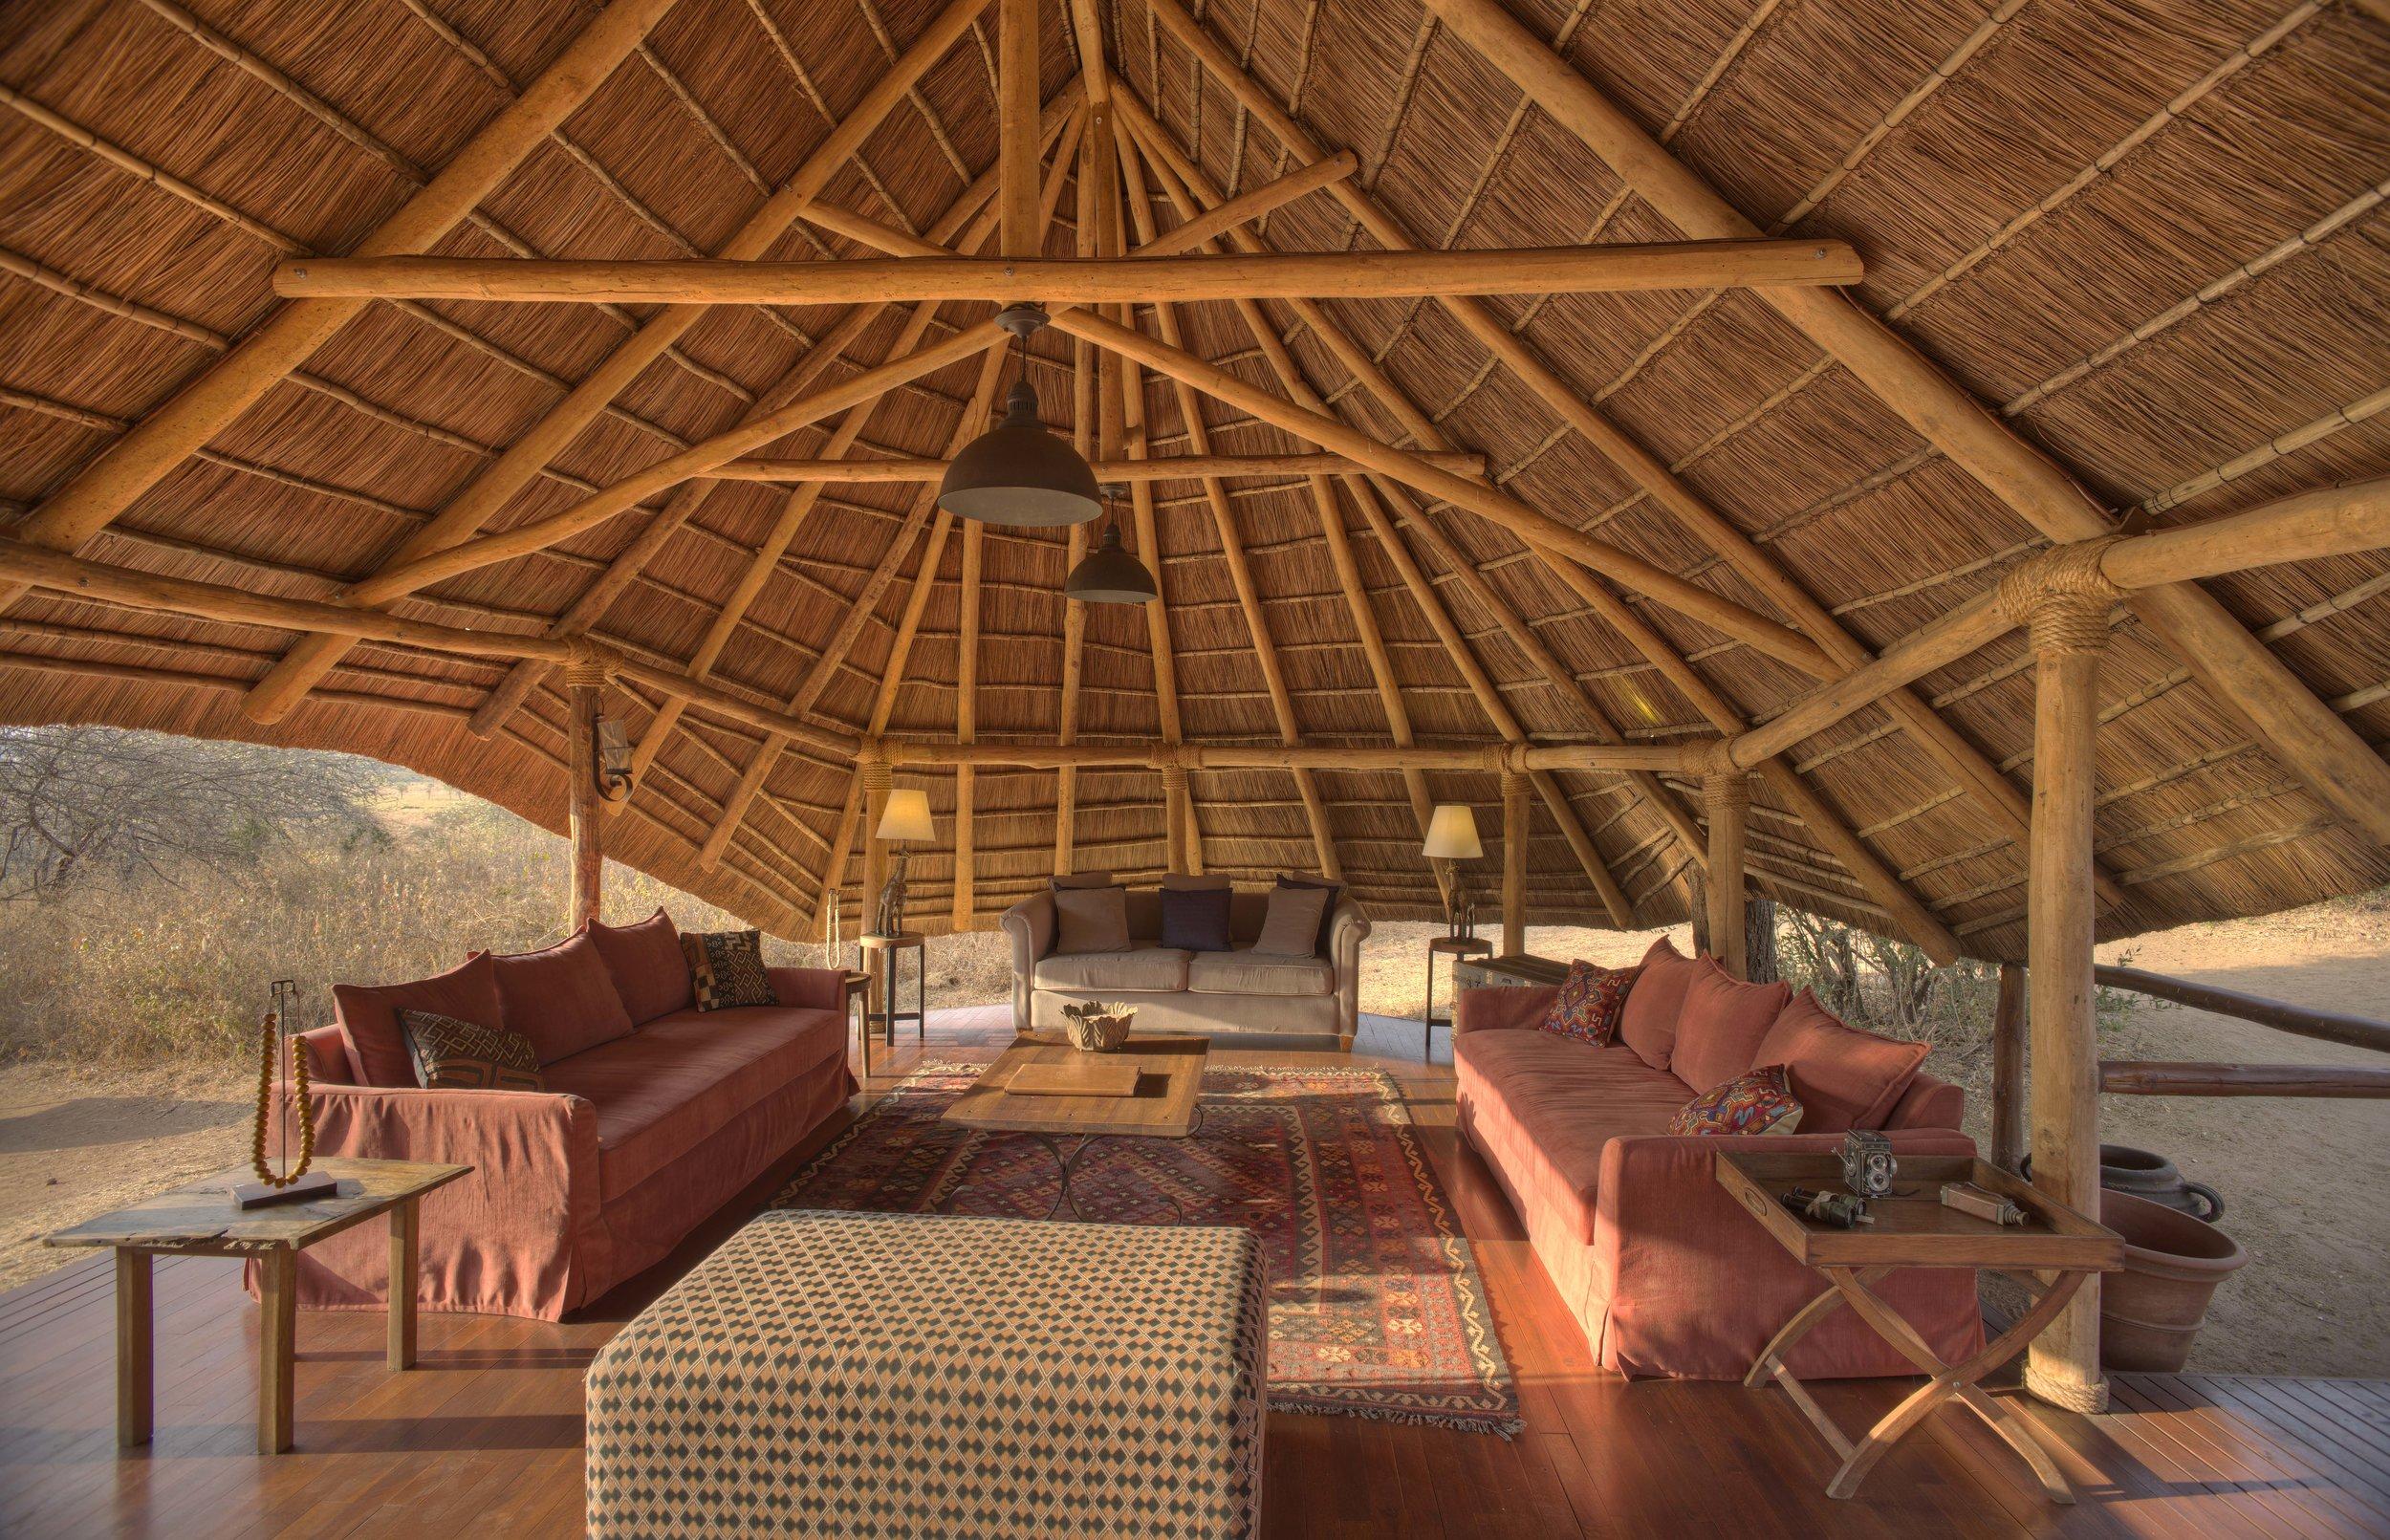 Olivers-Lounge-area.jpg